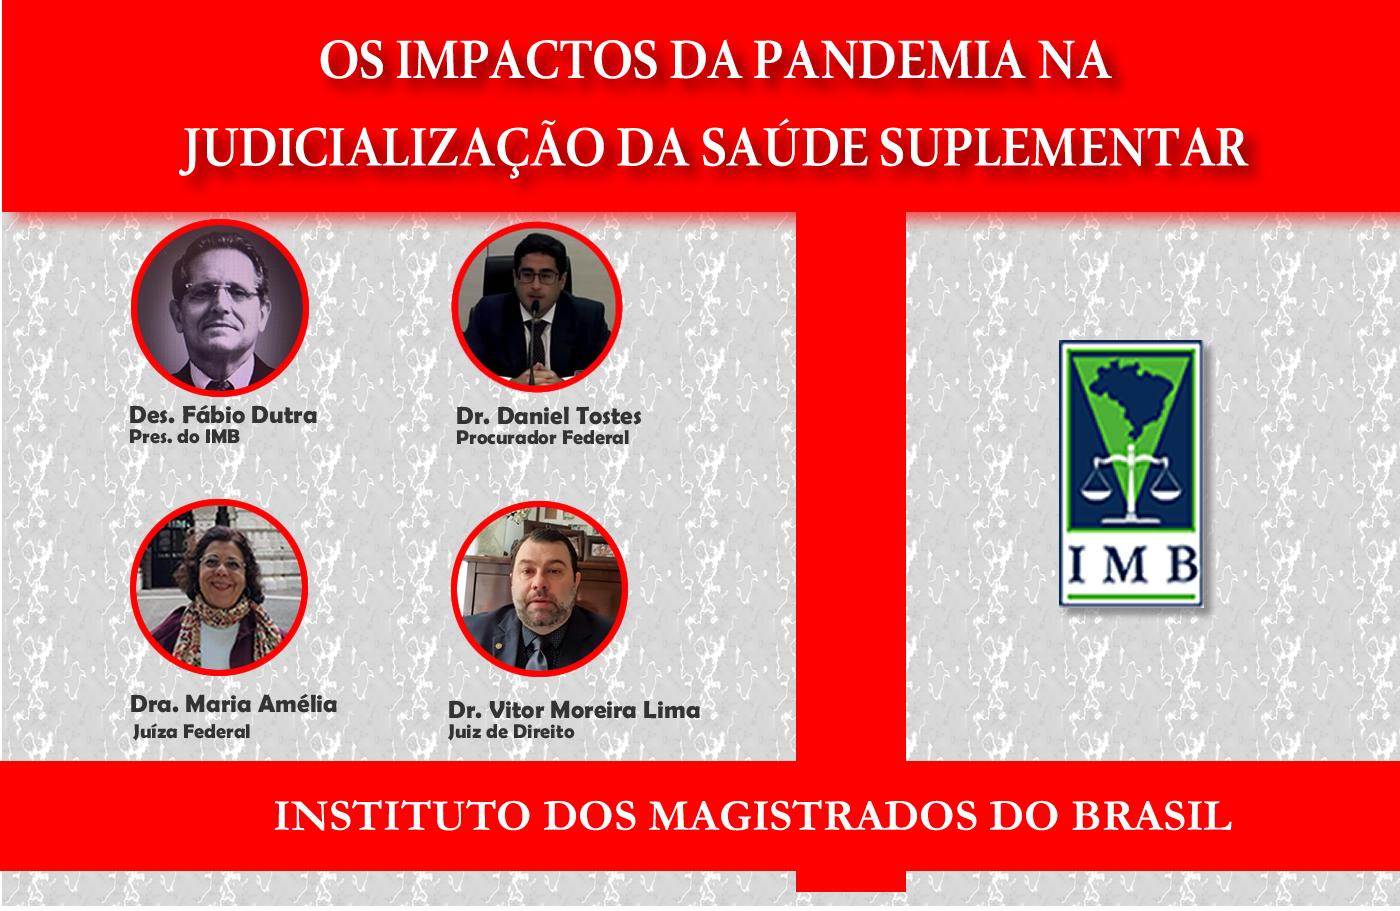 Os impactos da Pandemia na Judicialização da Saúde Suplementar